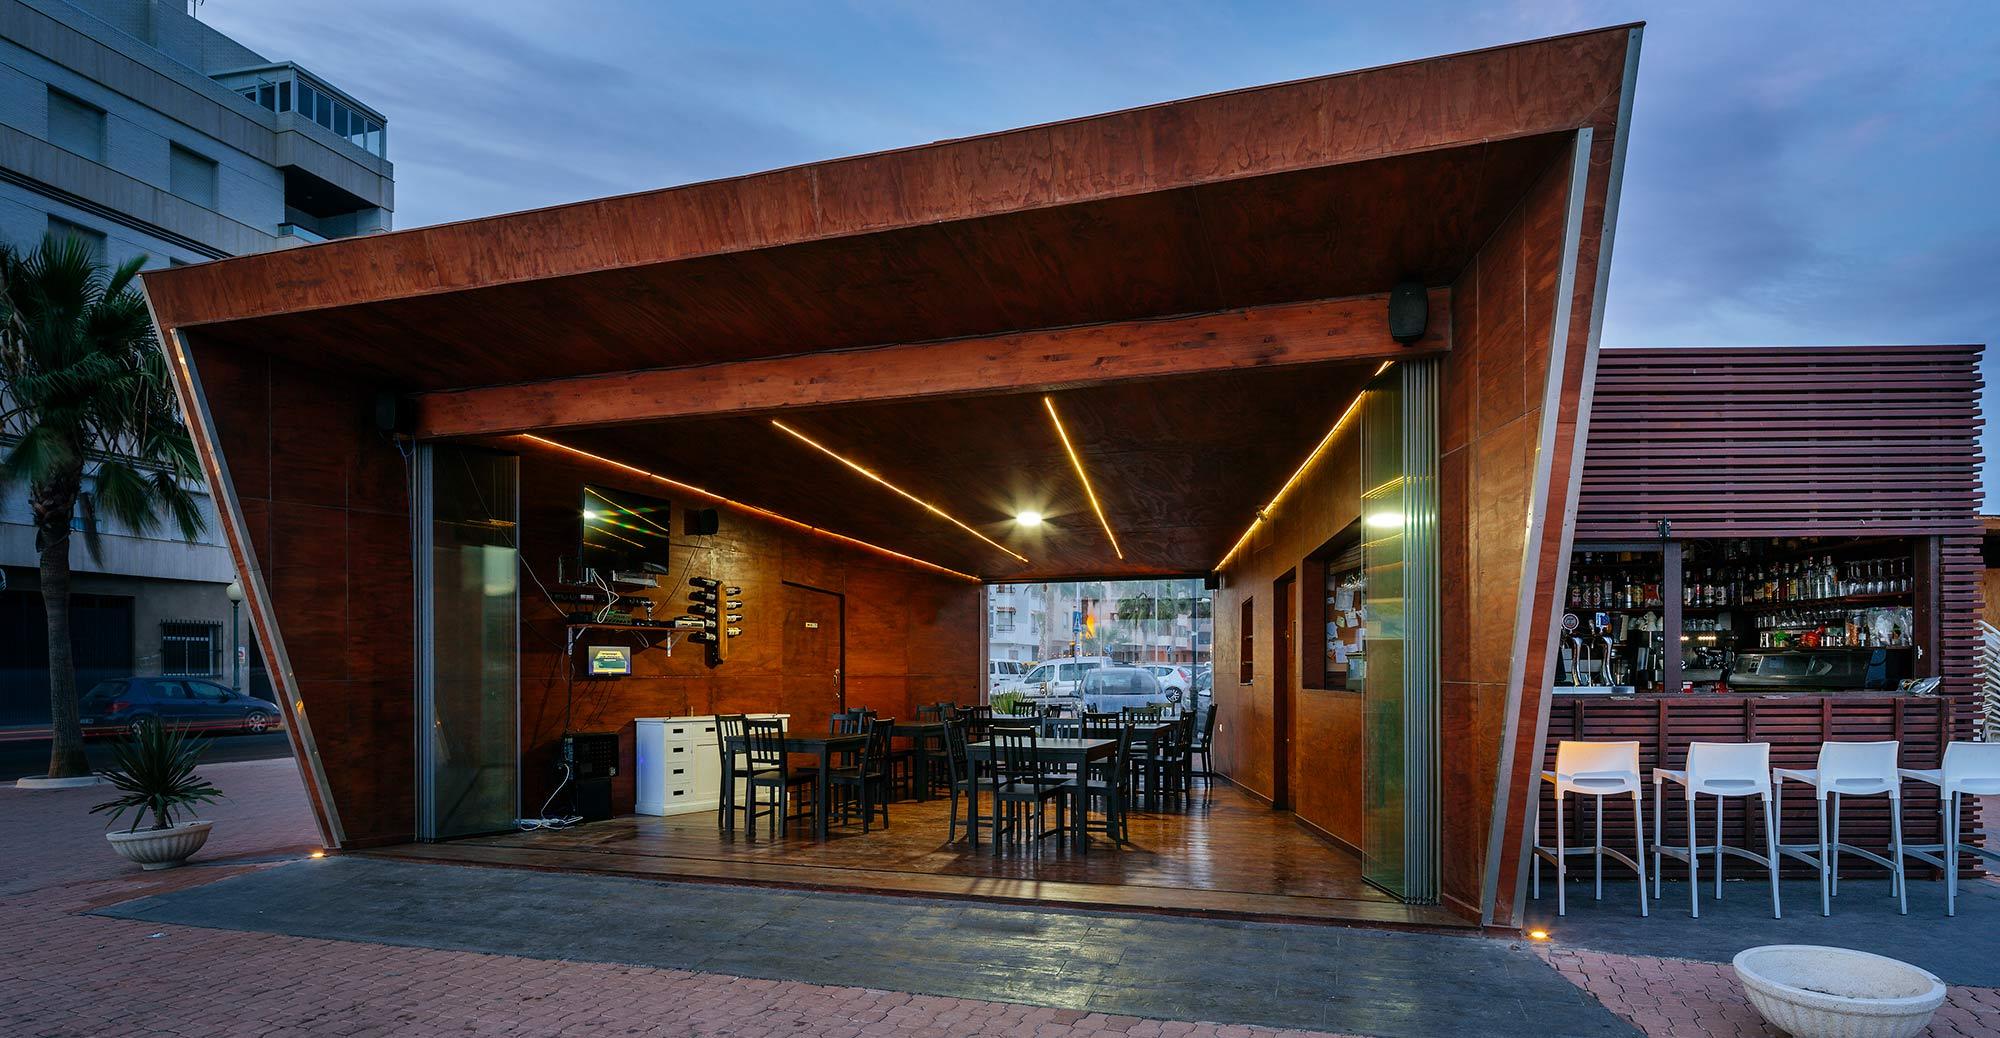 Xiringoscopio_-Adra_-Arquitectura-_-EXarchitects_15